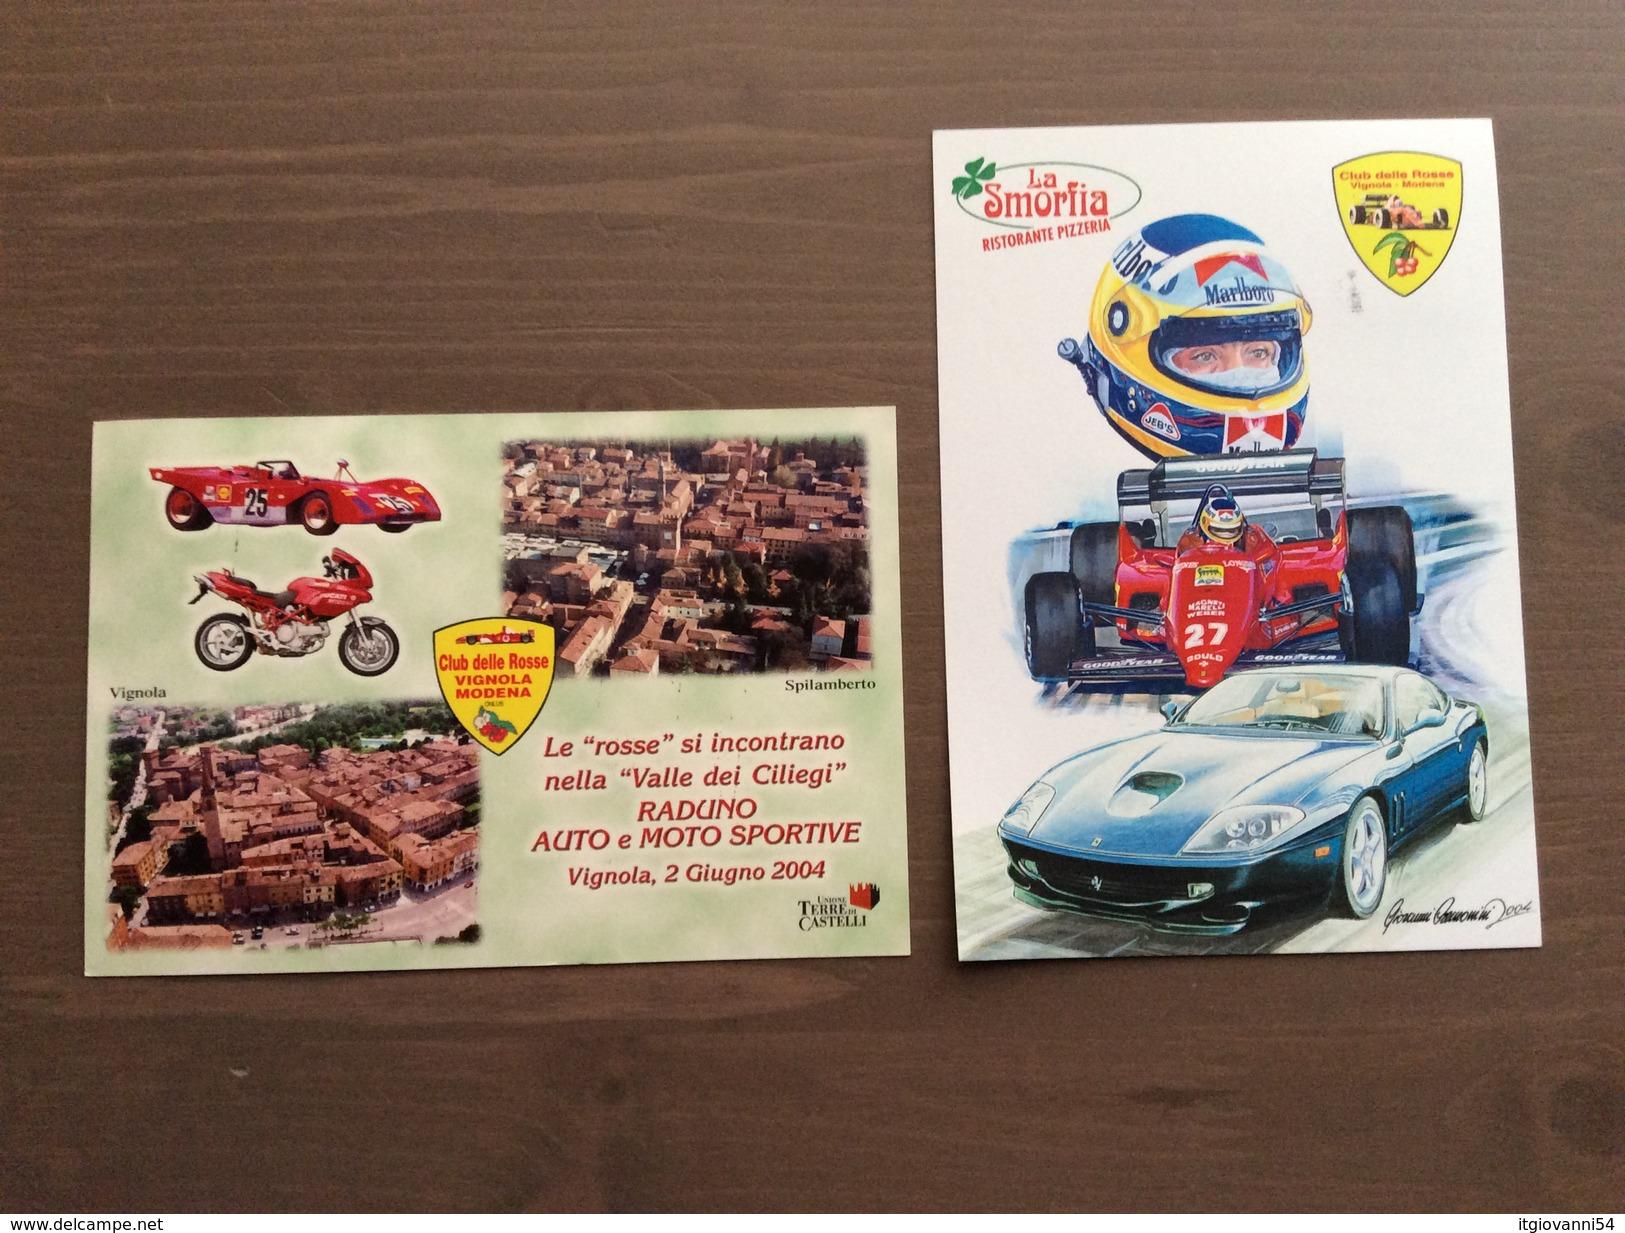 """Coppia Cartoline Ufficiali Club Delle Rosse """"Vignola...è Tempo Di Ciliegie"""" Vignola (MO) 29-5-2004 - Grand Prix / F1"""